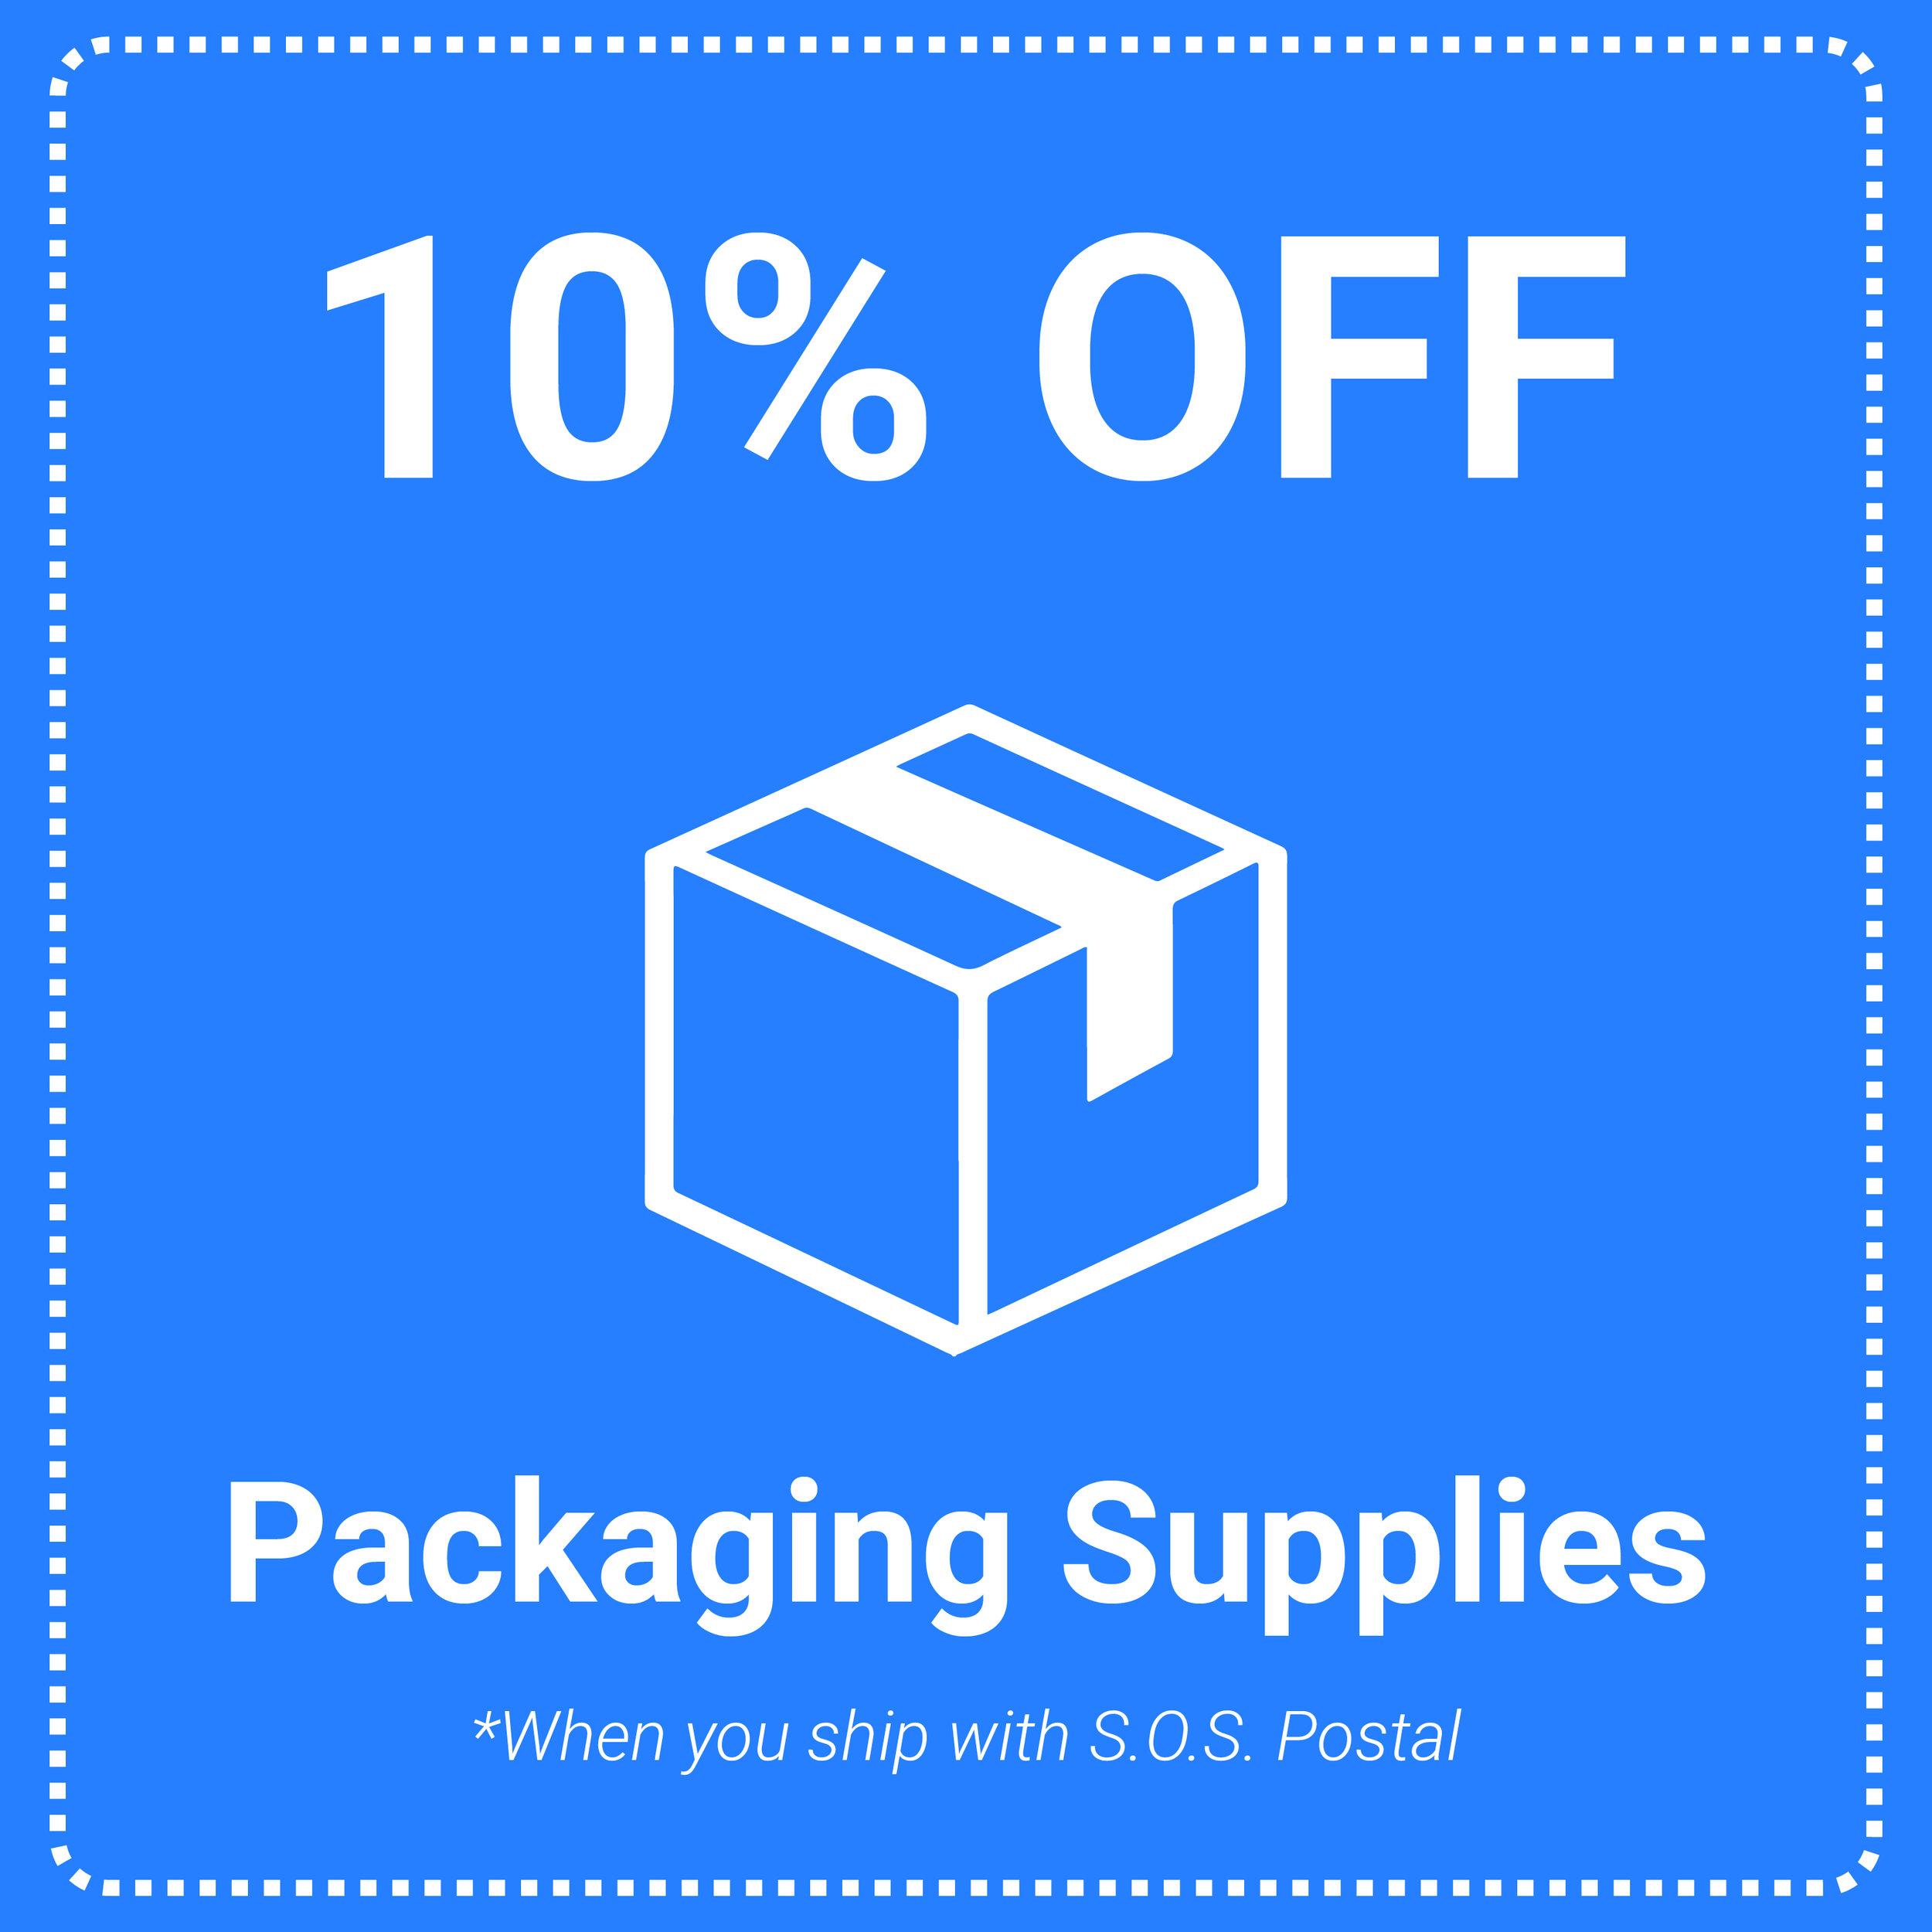 Packaging Supplies-01.jpg